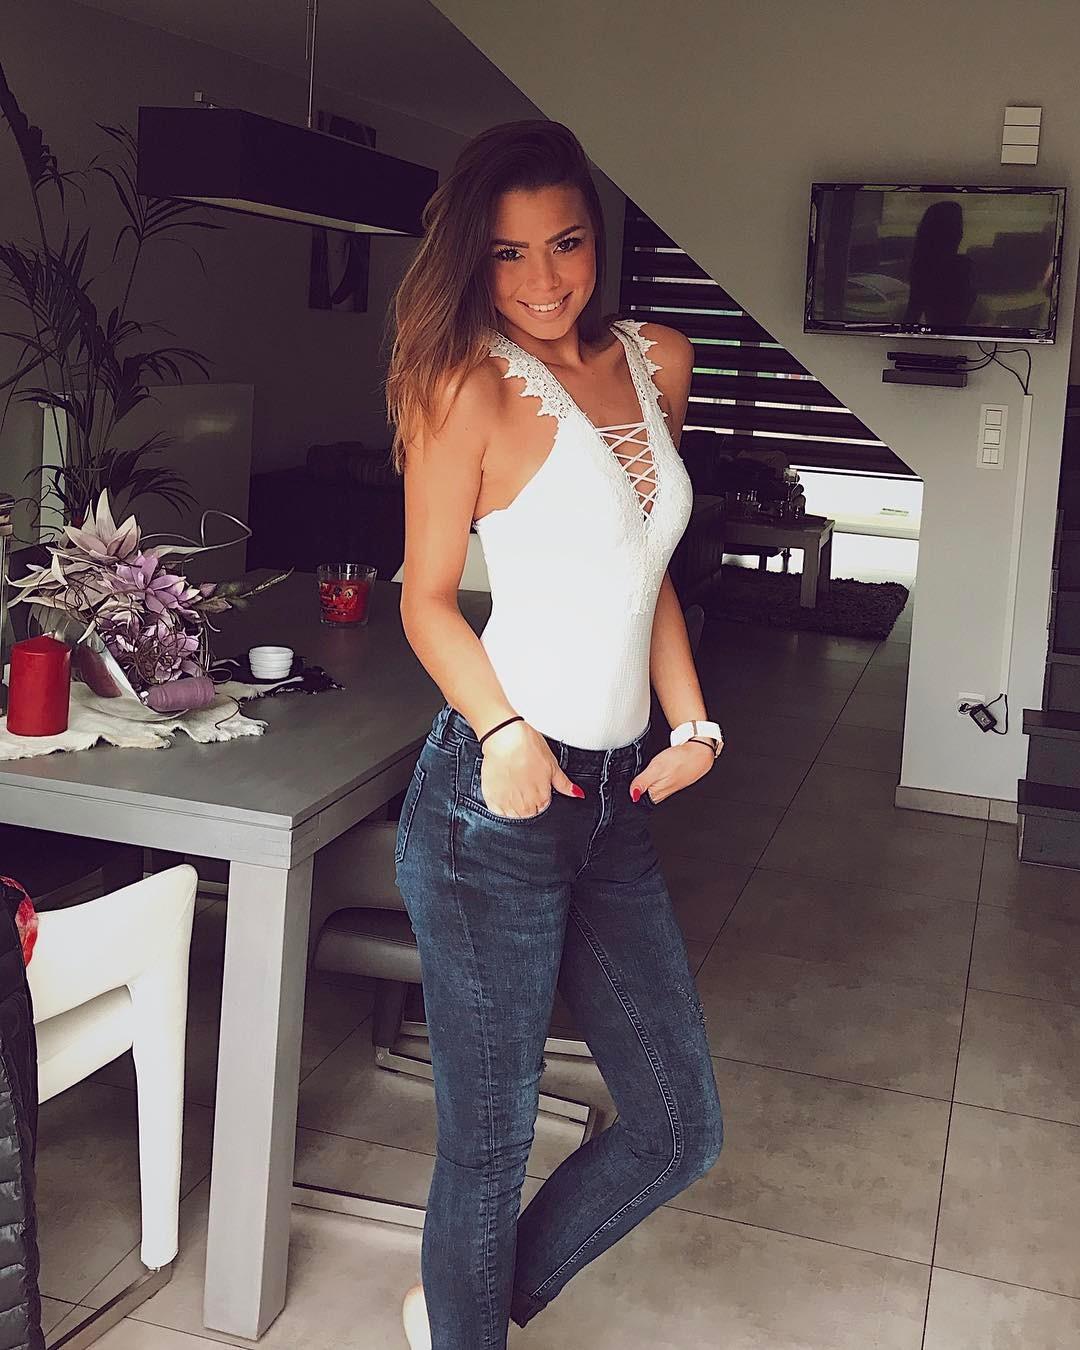 18-летняя модель голая выпала из окна и разбилась